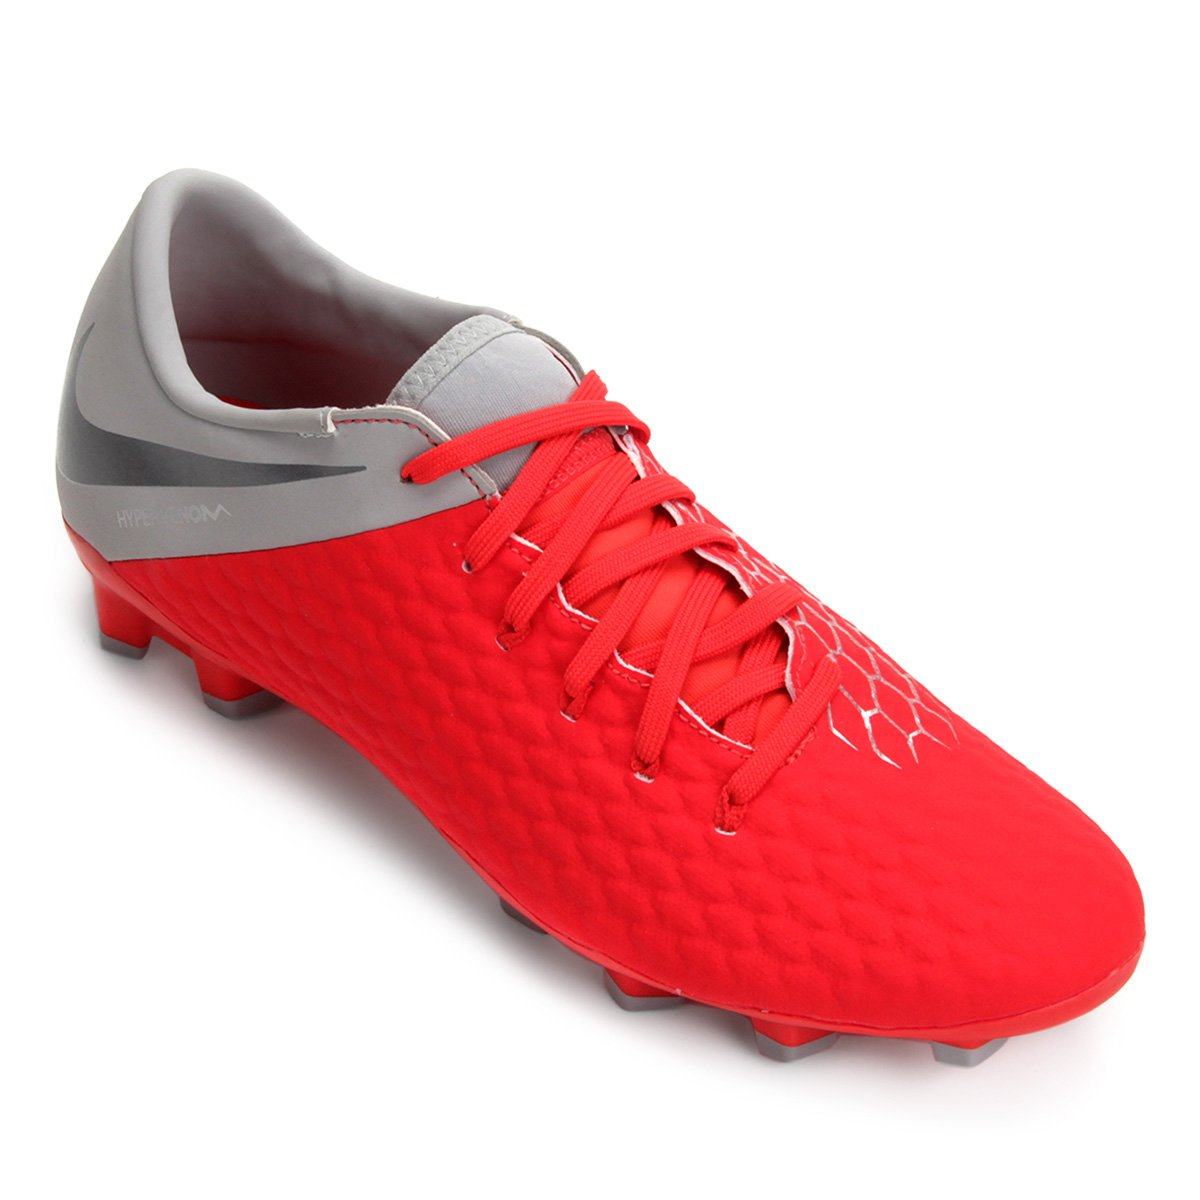 buy online 13bab f0bbc ... order chuteira campo nike hypervenom phantom 3 academy fg masculina  vermelhocinza 7f0db 80e61